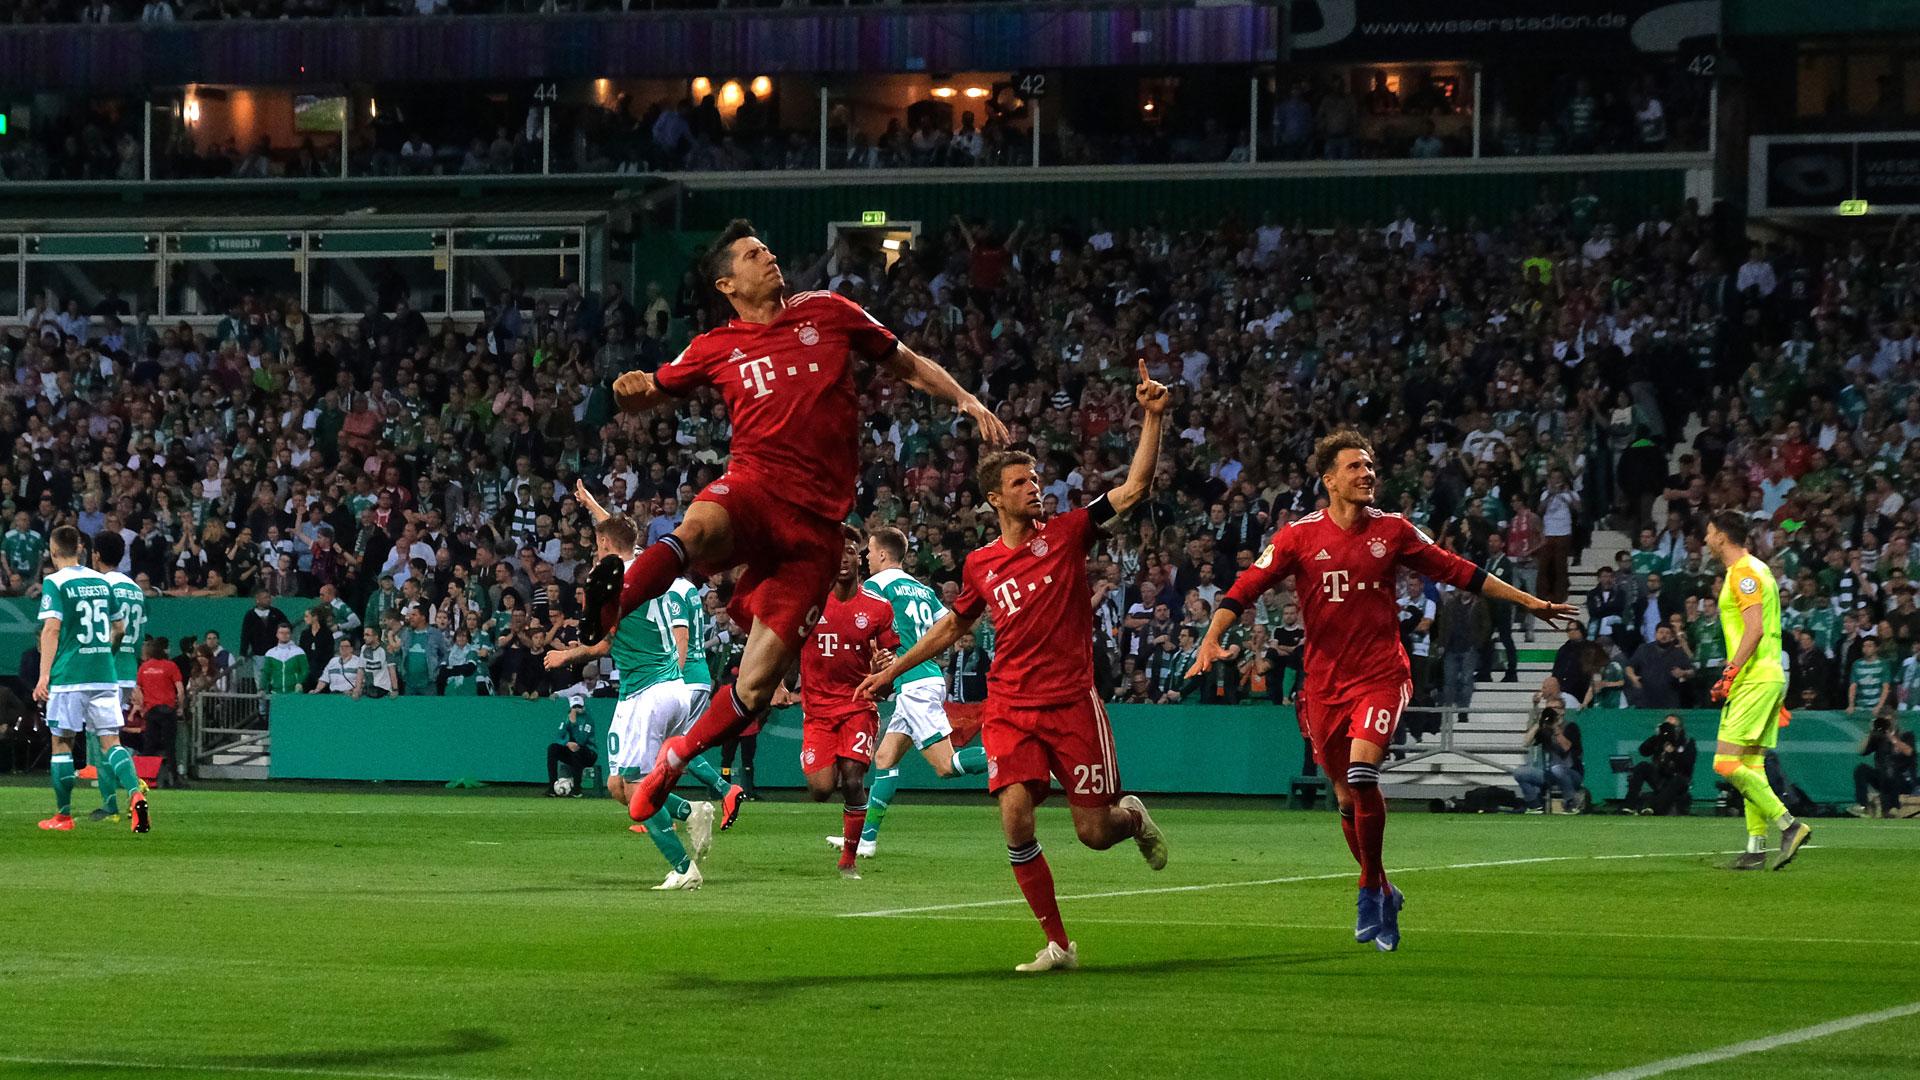 Il Bayern Monaco passa su rigore dubbio, la federcalcio ammette l'errore